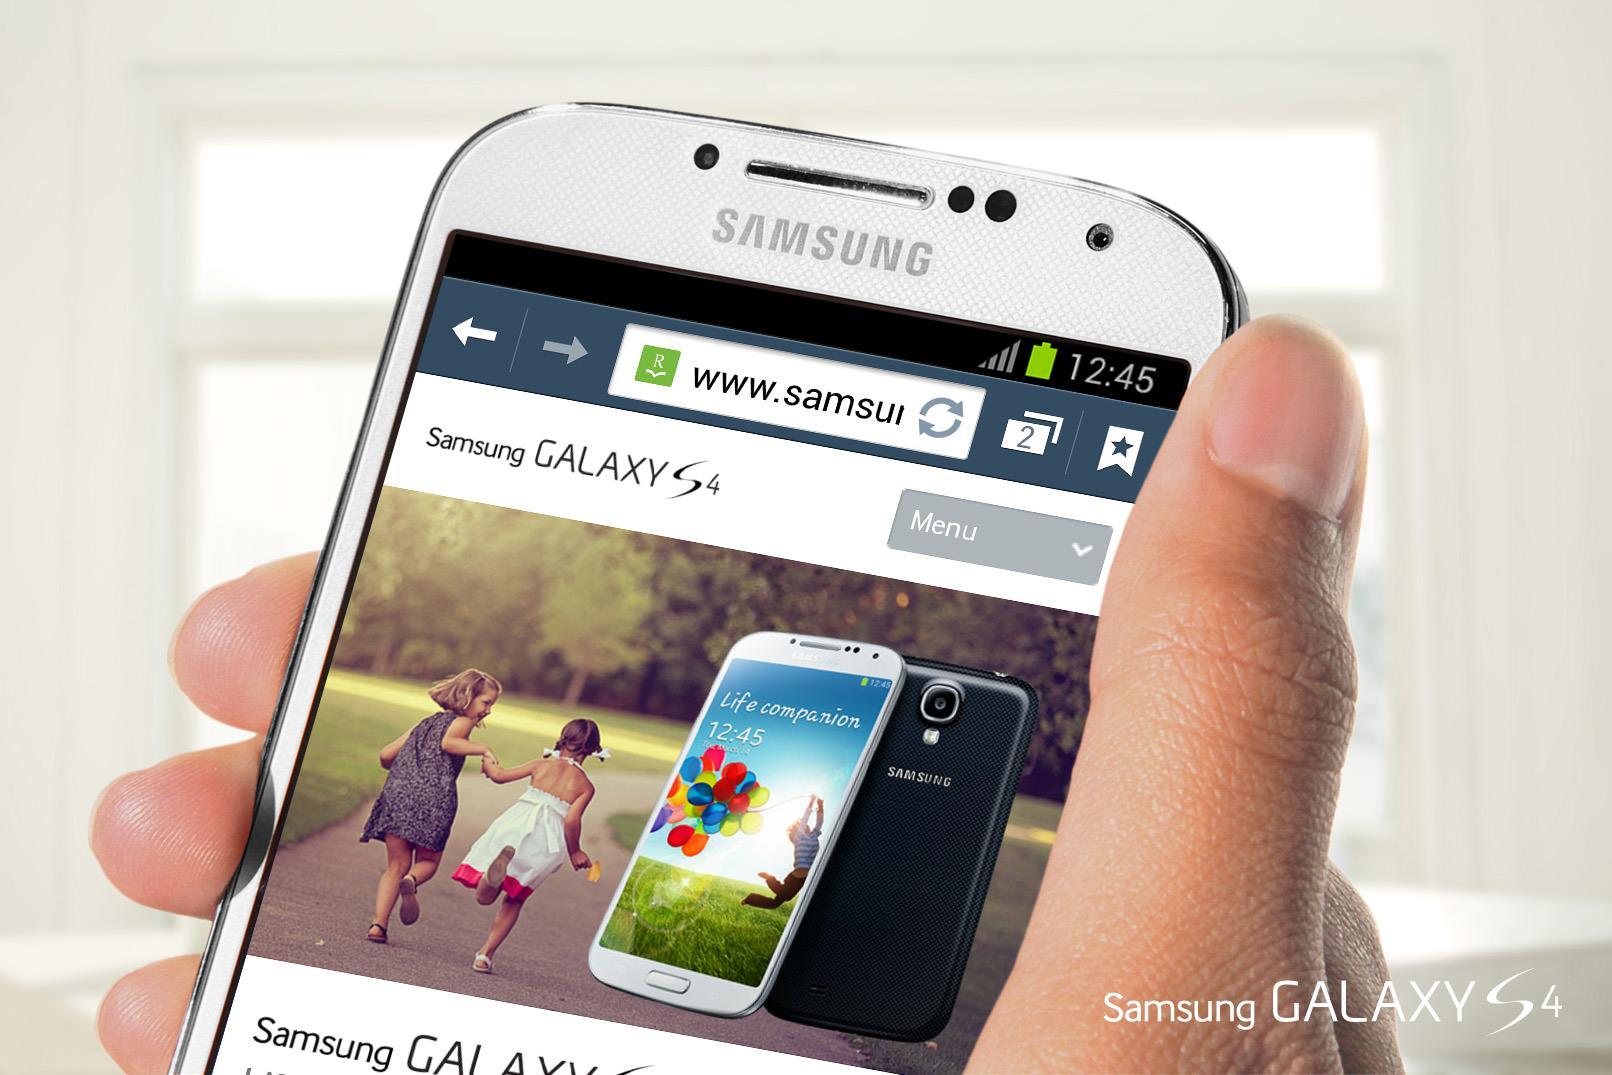 Samsung Galaxy S4 je telefon koji je okarakterisan ka jedan od najkompletnijih modela današnjice